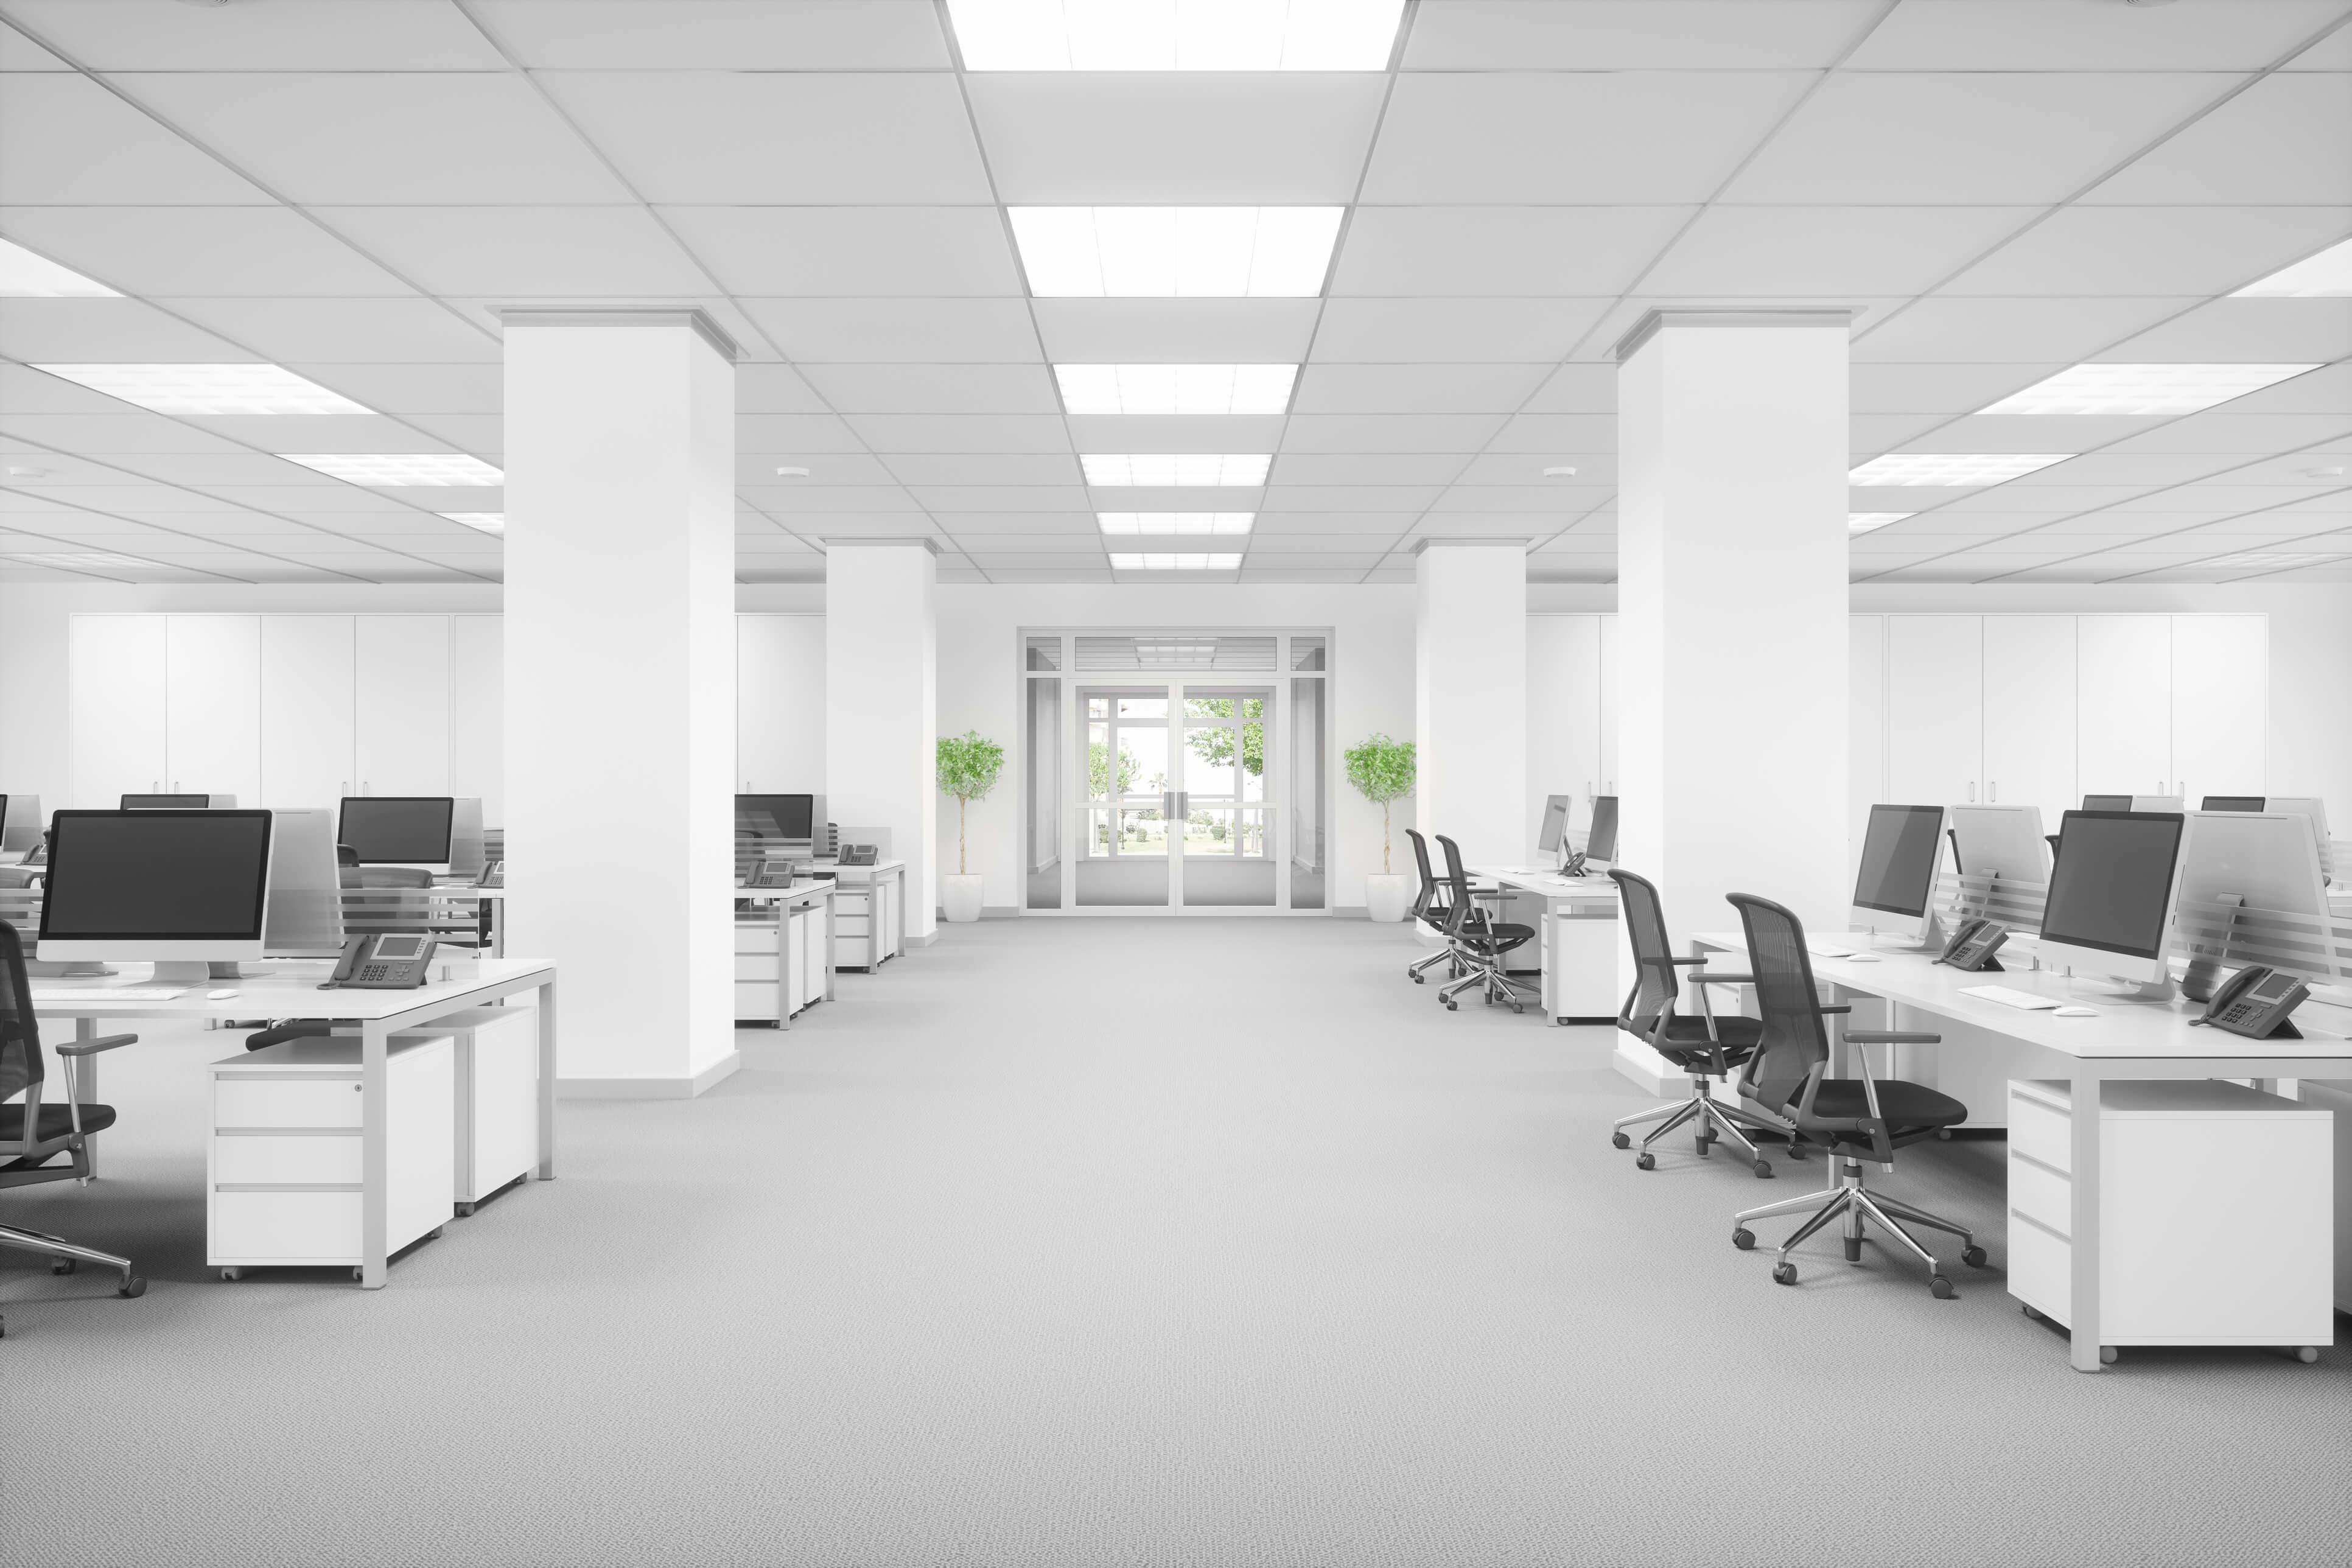 オフィスの移転・原状回復|東京港区オージェント合同会社はオフィス改装になくてはならい存在(PC用03)